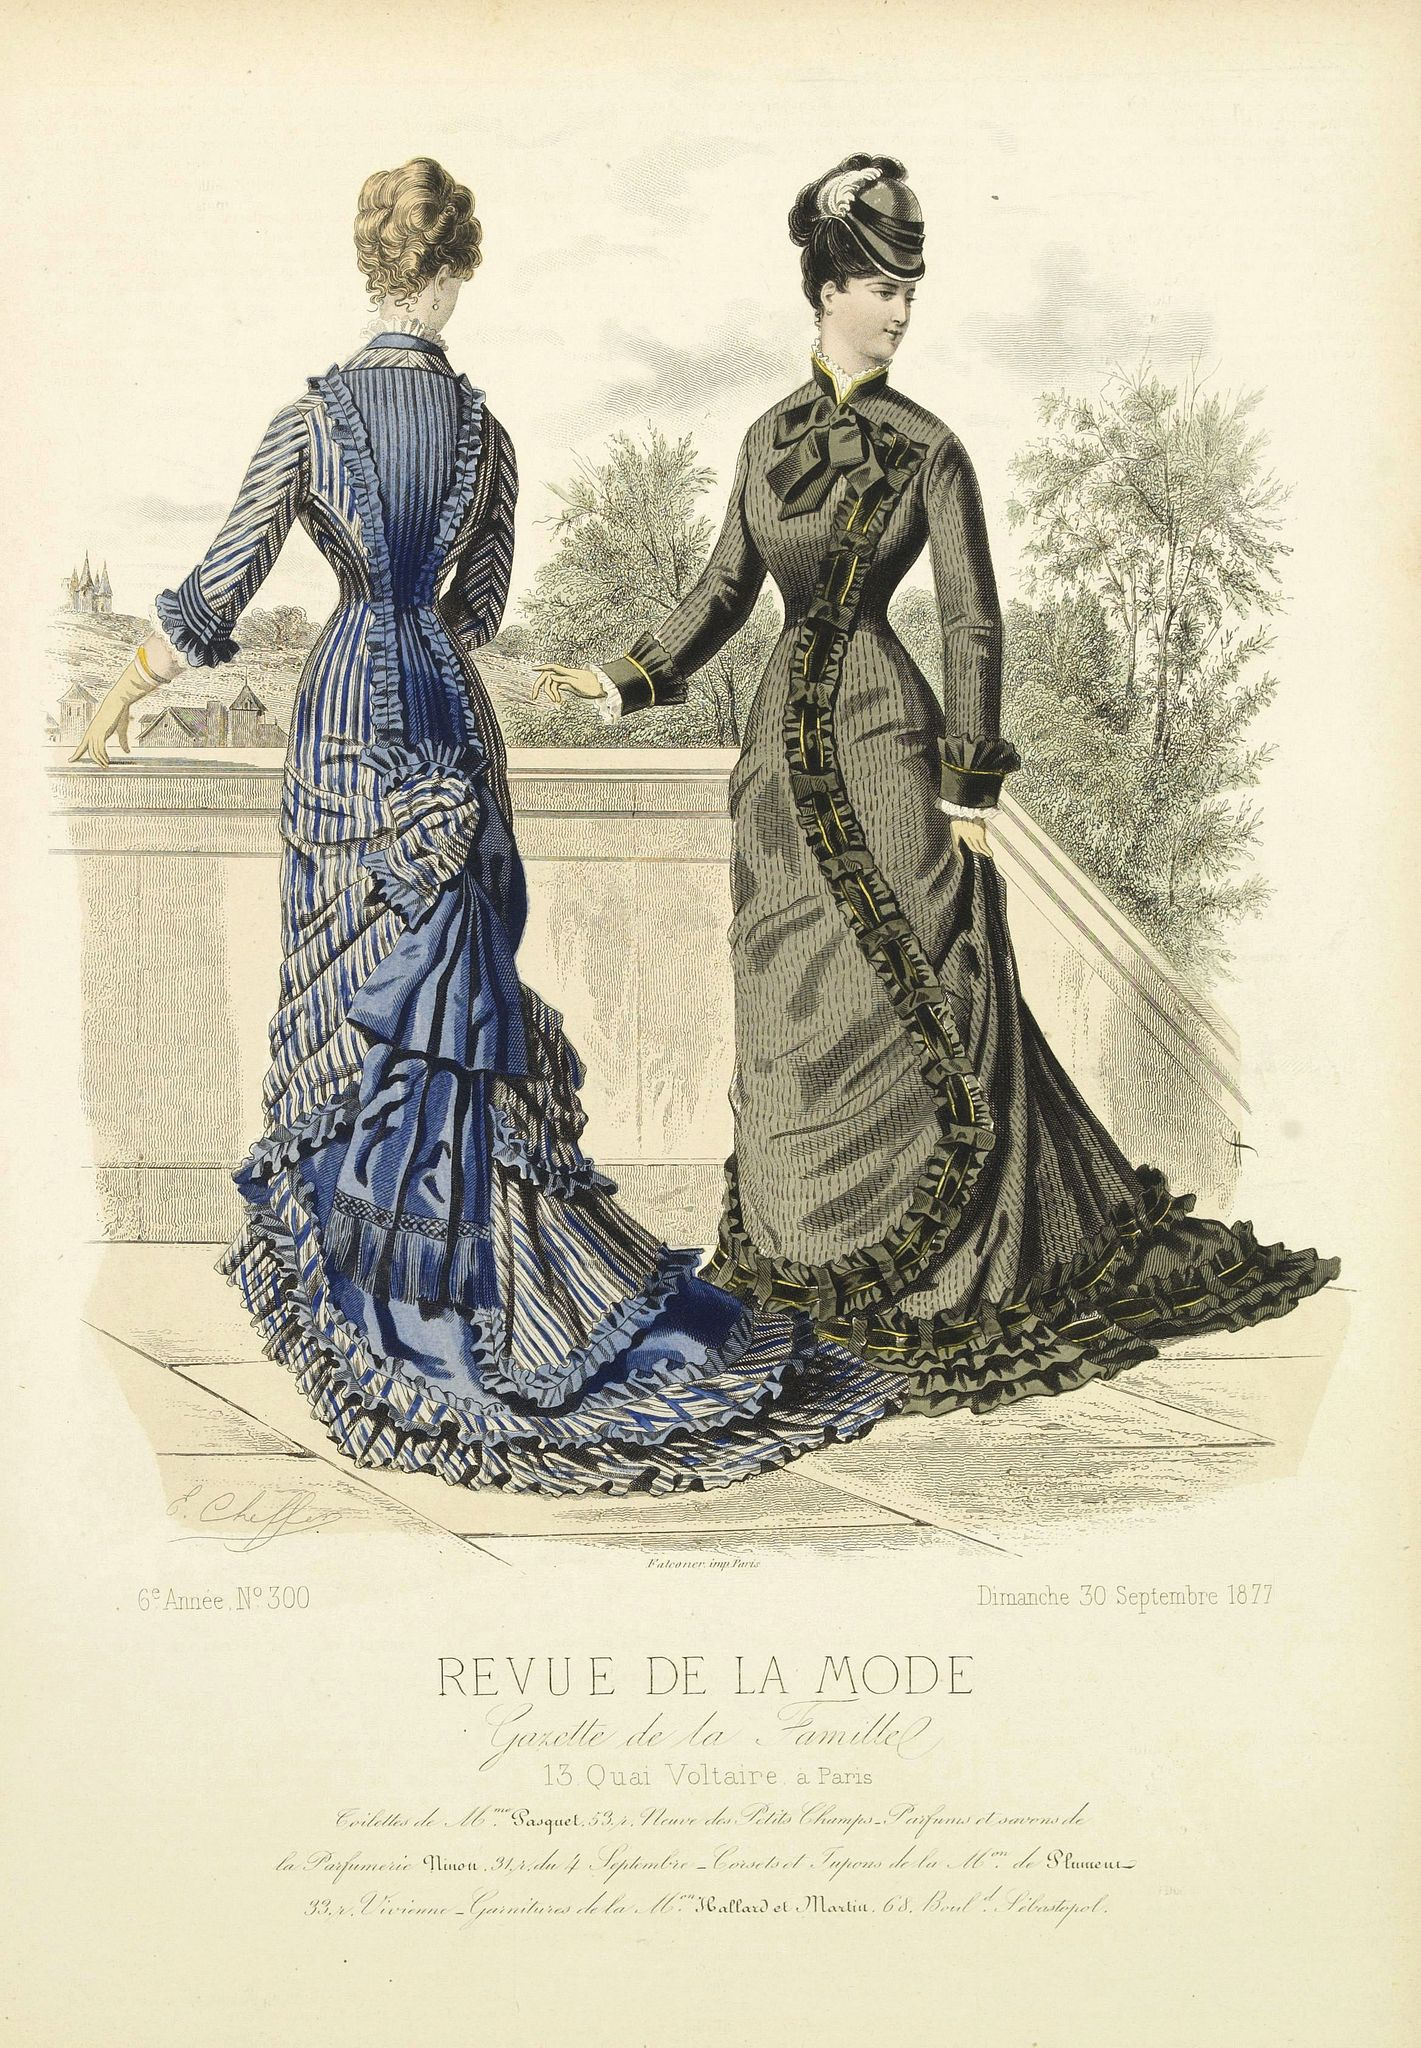 REVUE DE LA MODE -  Paris fashion plate. (300)